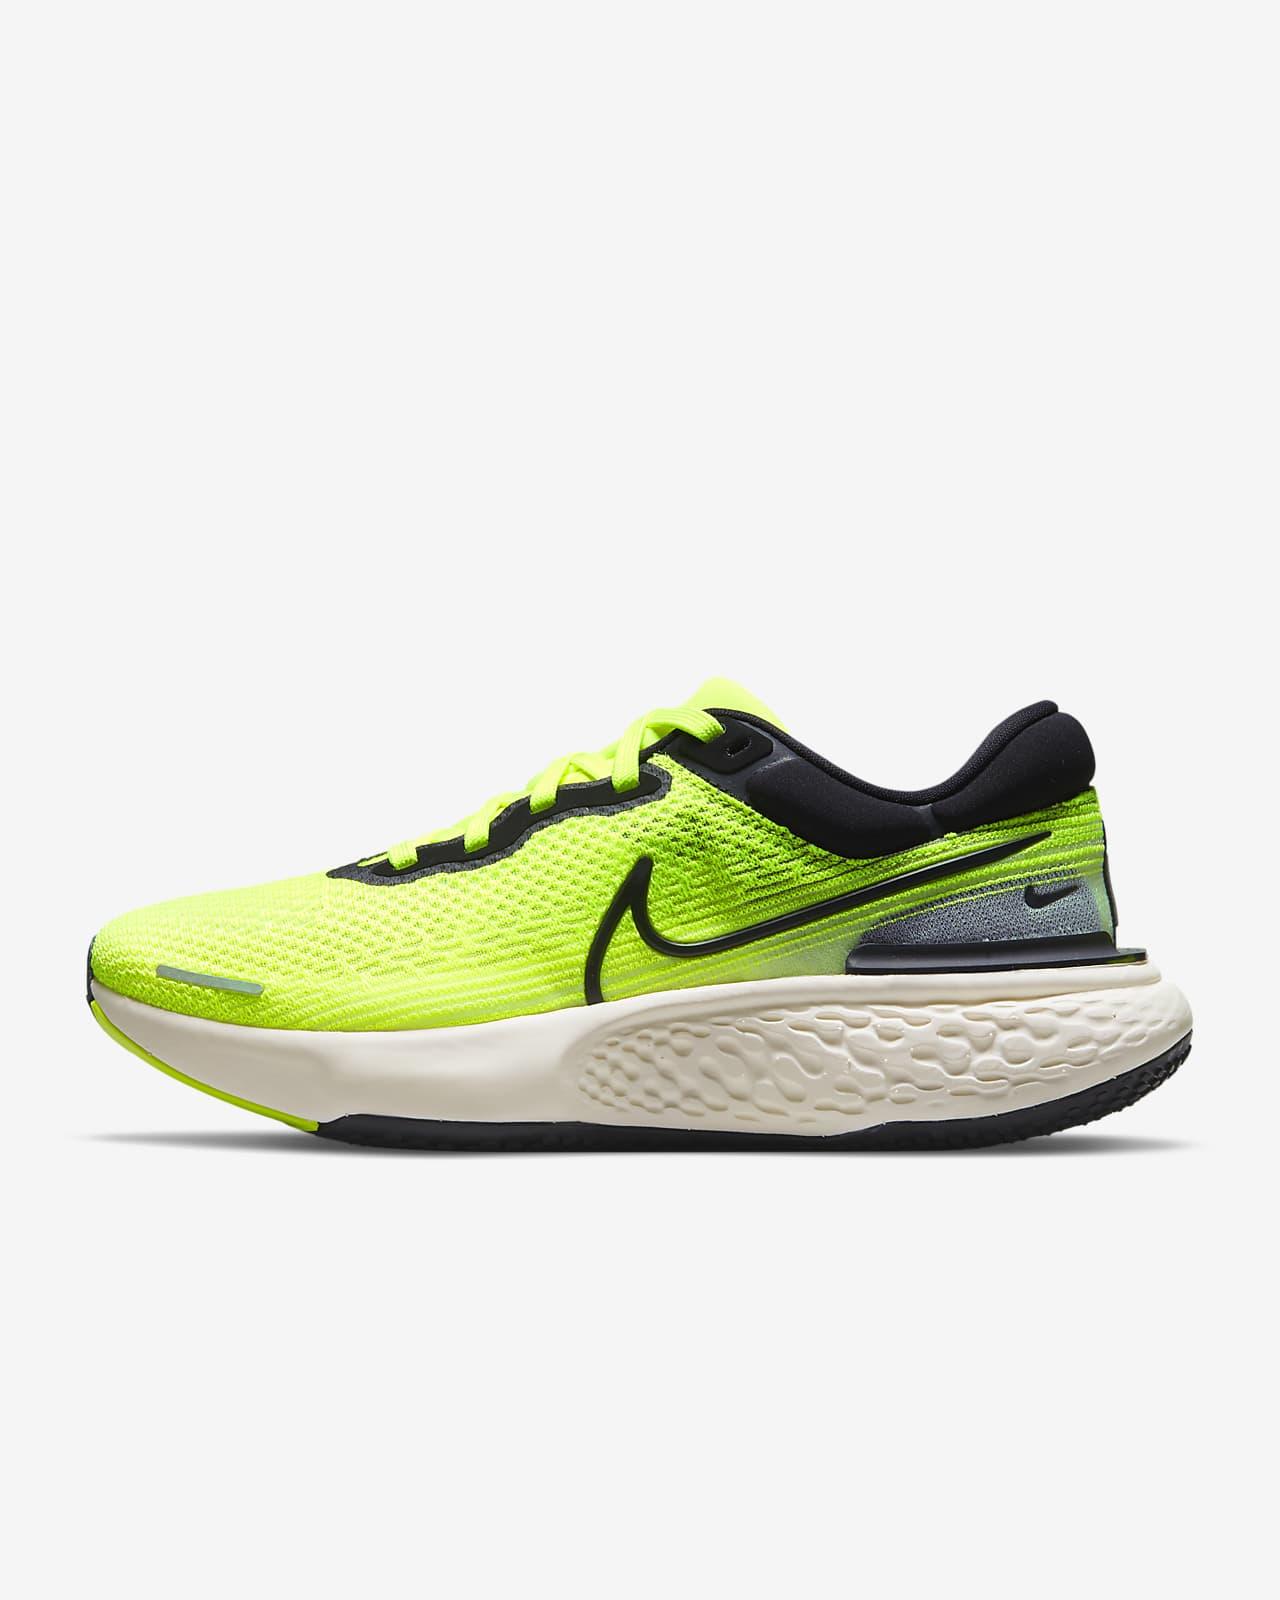 Nike ZoomX Invincible Run Flyknit férfi futócipő